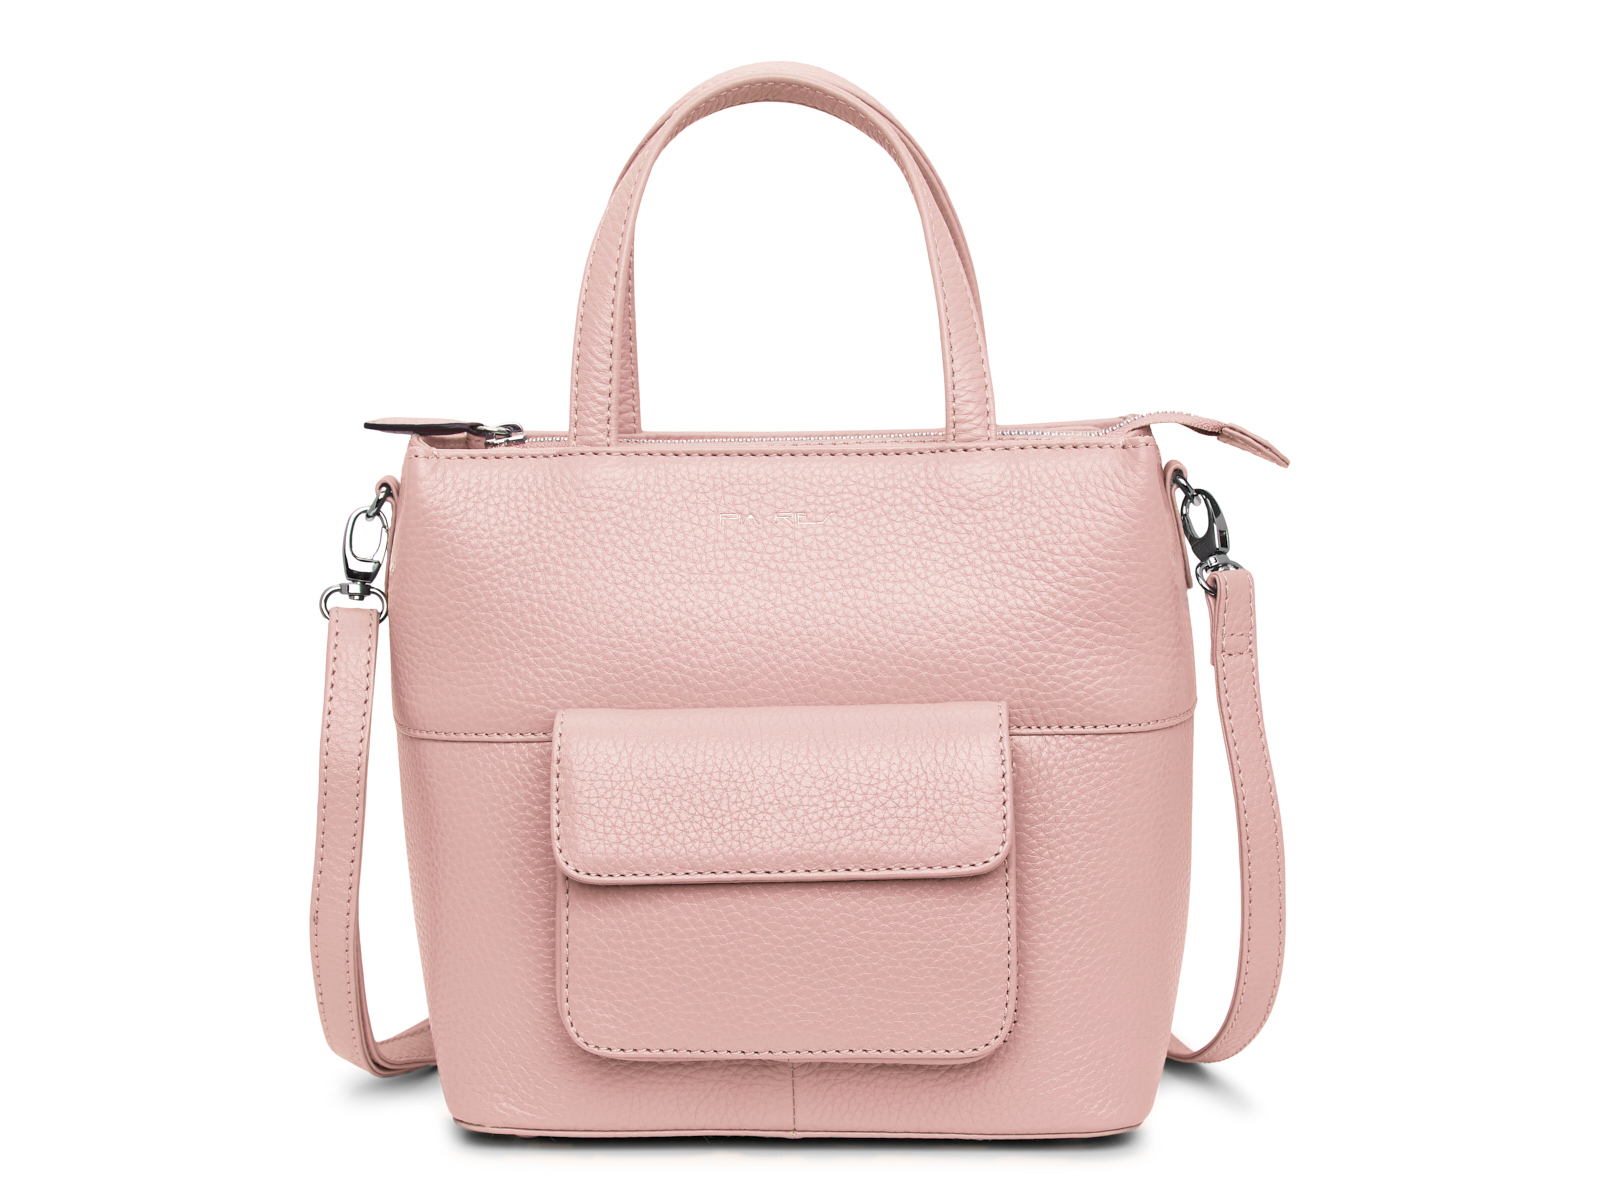 Handtas met lange schouderriem - Pastel Roze